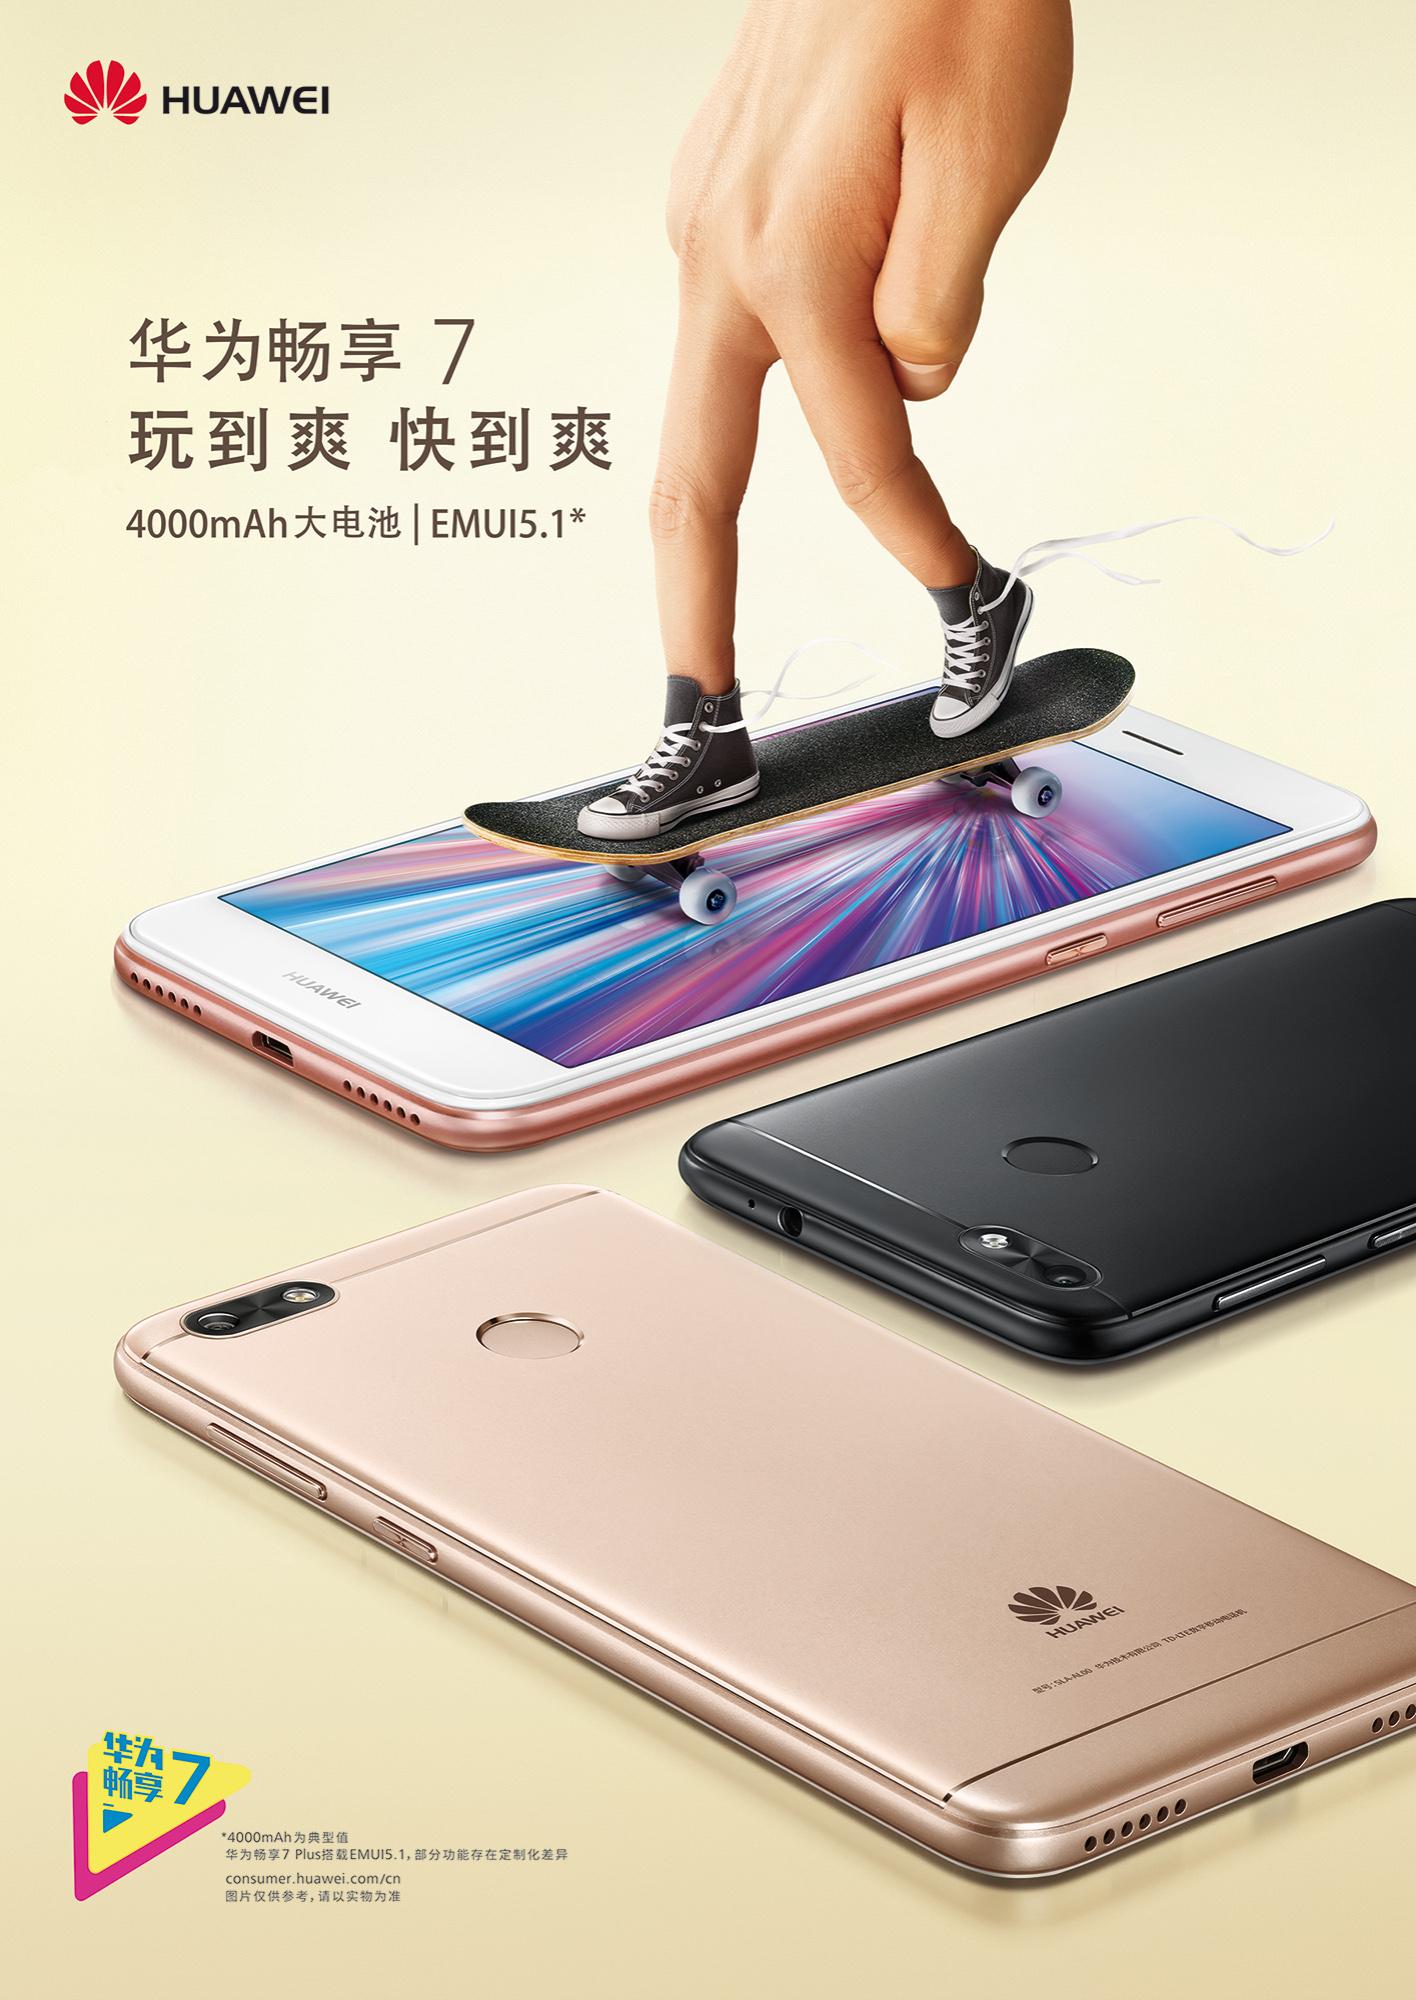 Huawei_Changxiang_skateboard_7_v